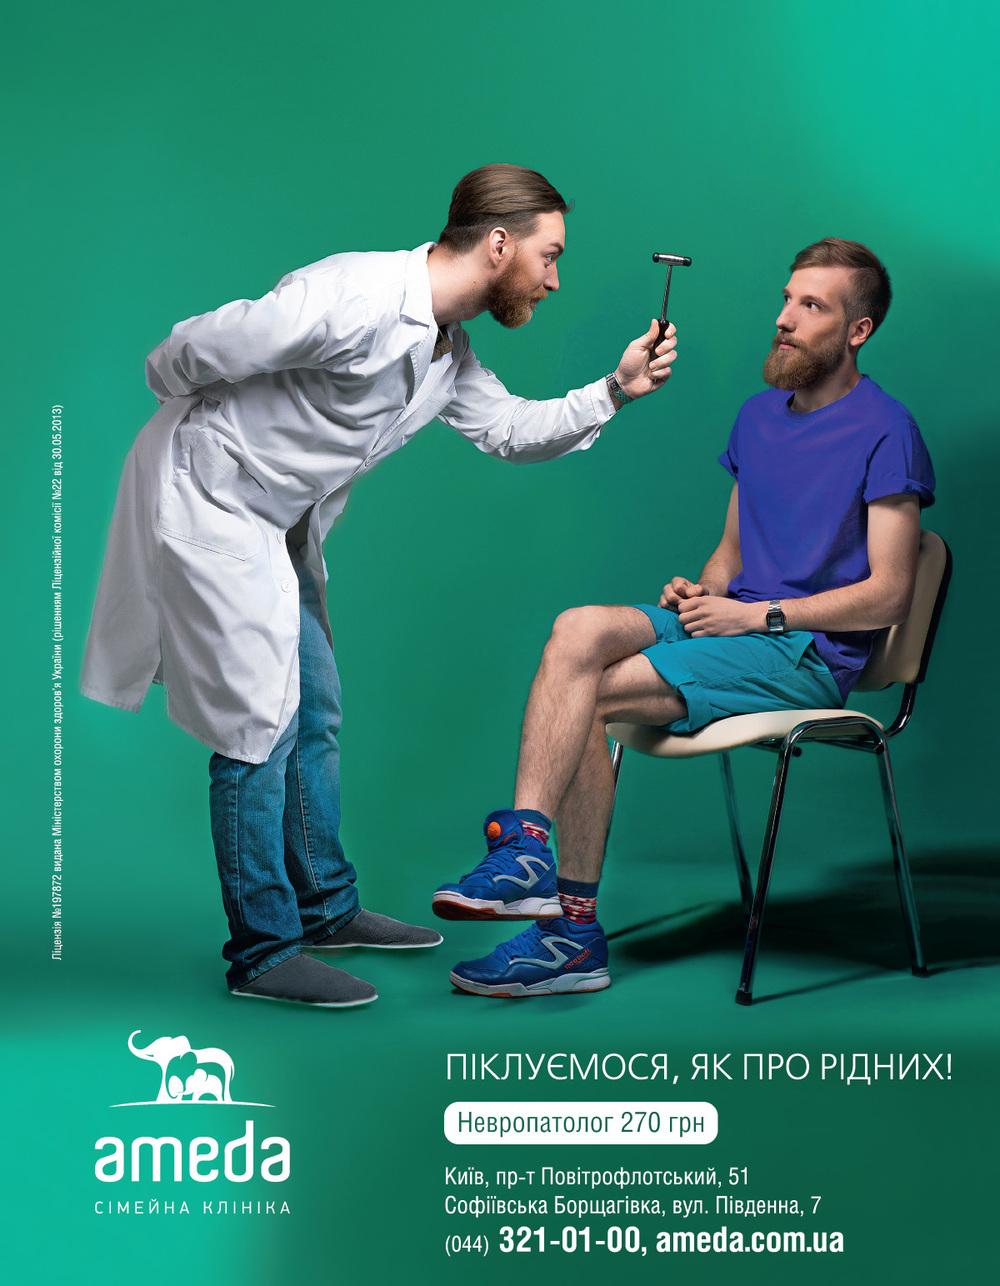 невропатолог.jpg